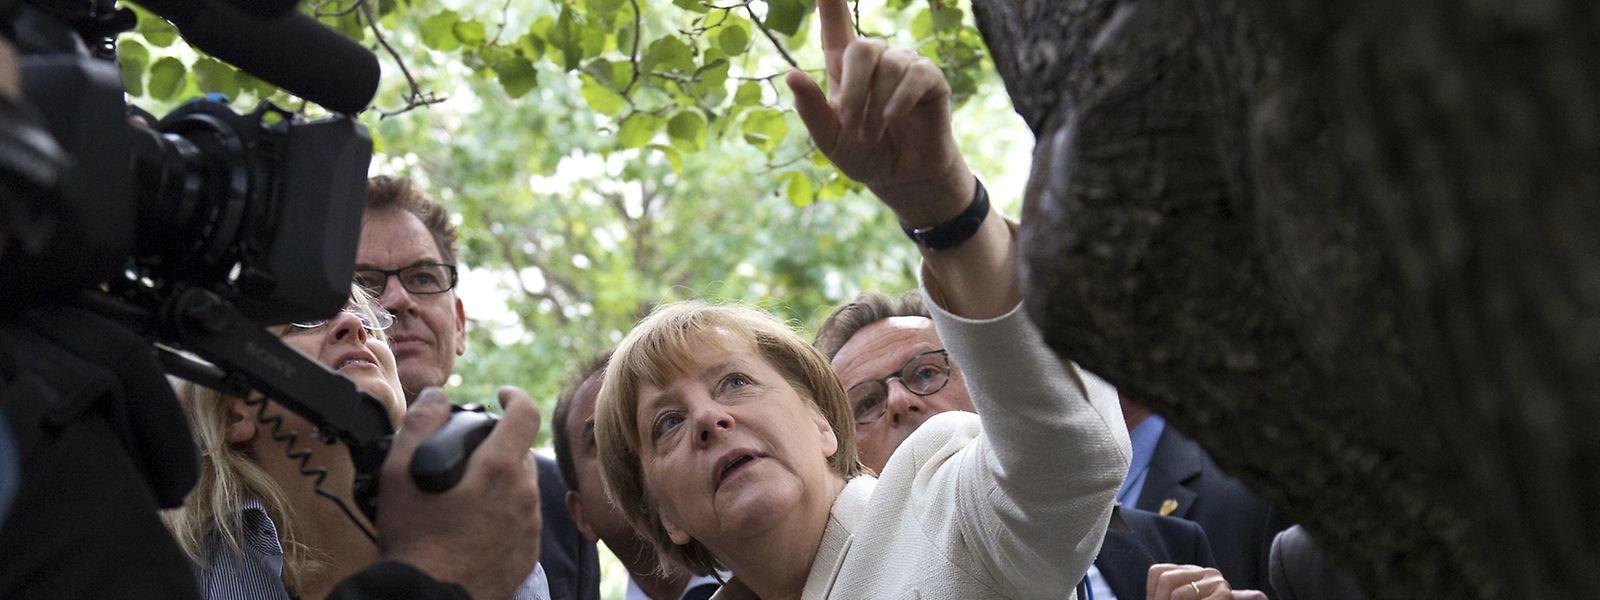 """""""Soft Power""""? Bundeskanzlerin Angela Merkel spricht zu Reportern bei ihrem Besuch des """"9/11 Memorial Museum"""" in New York, am 26. September 2015."""